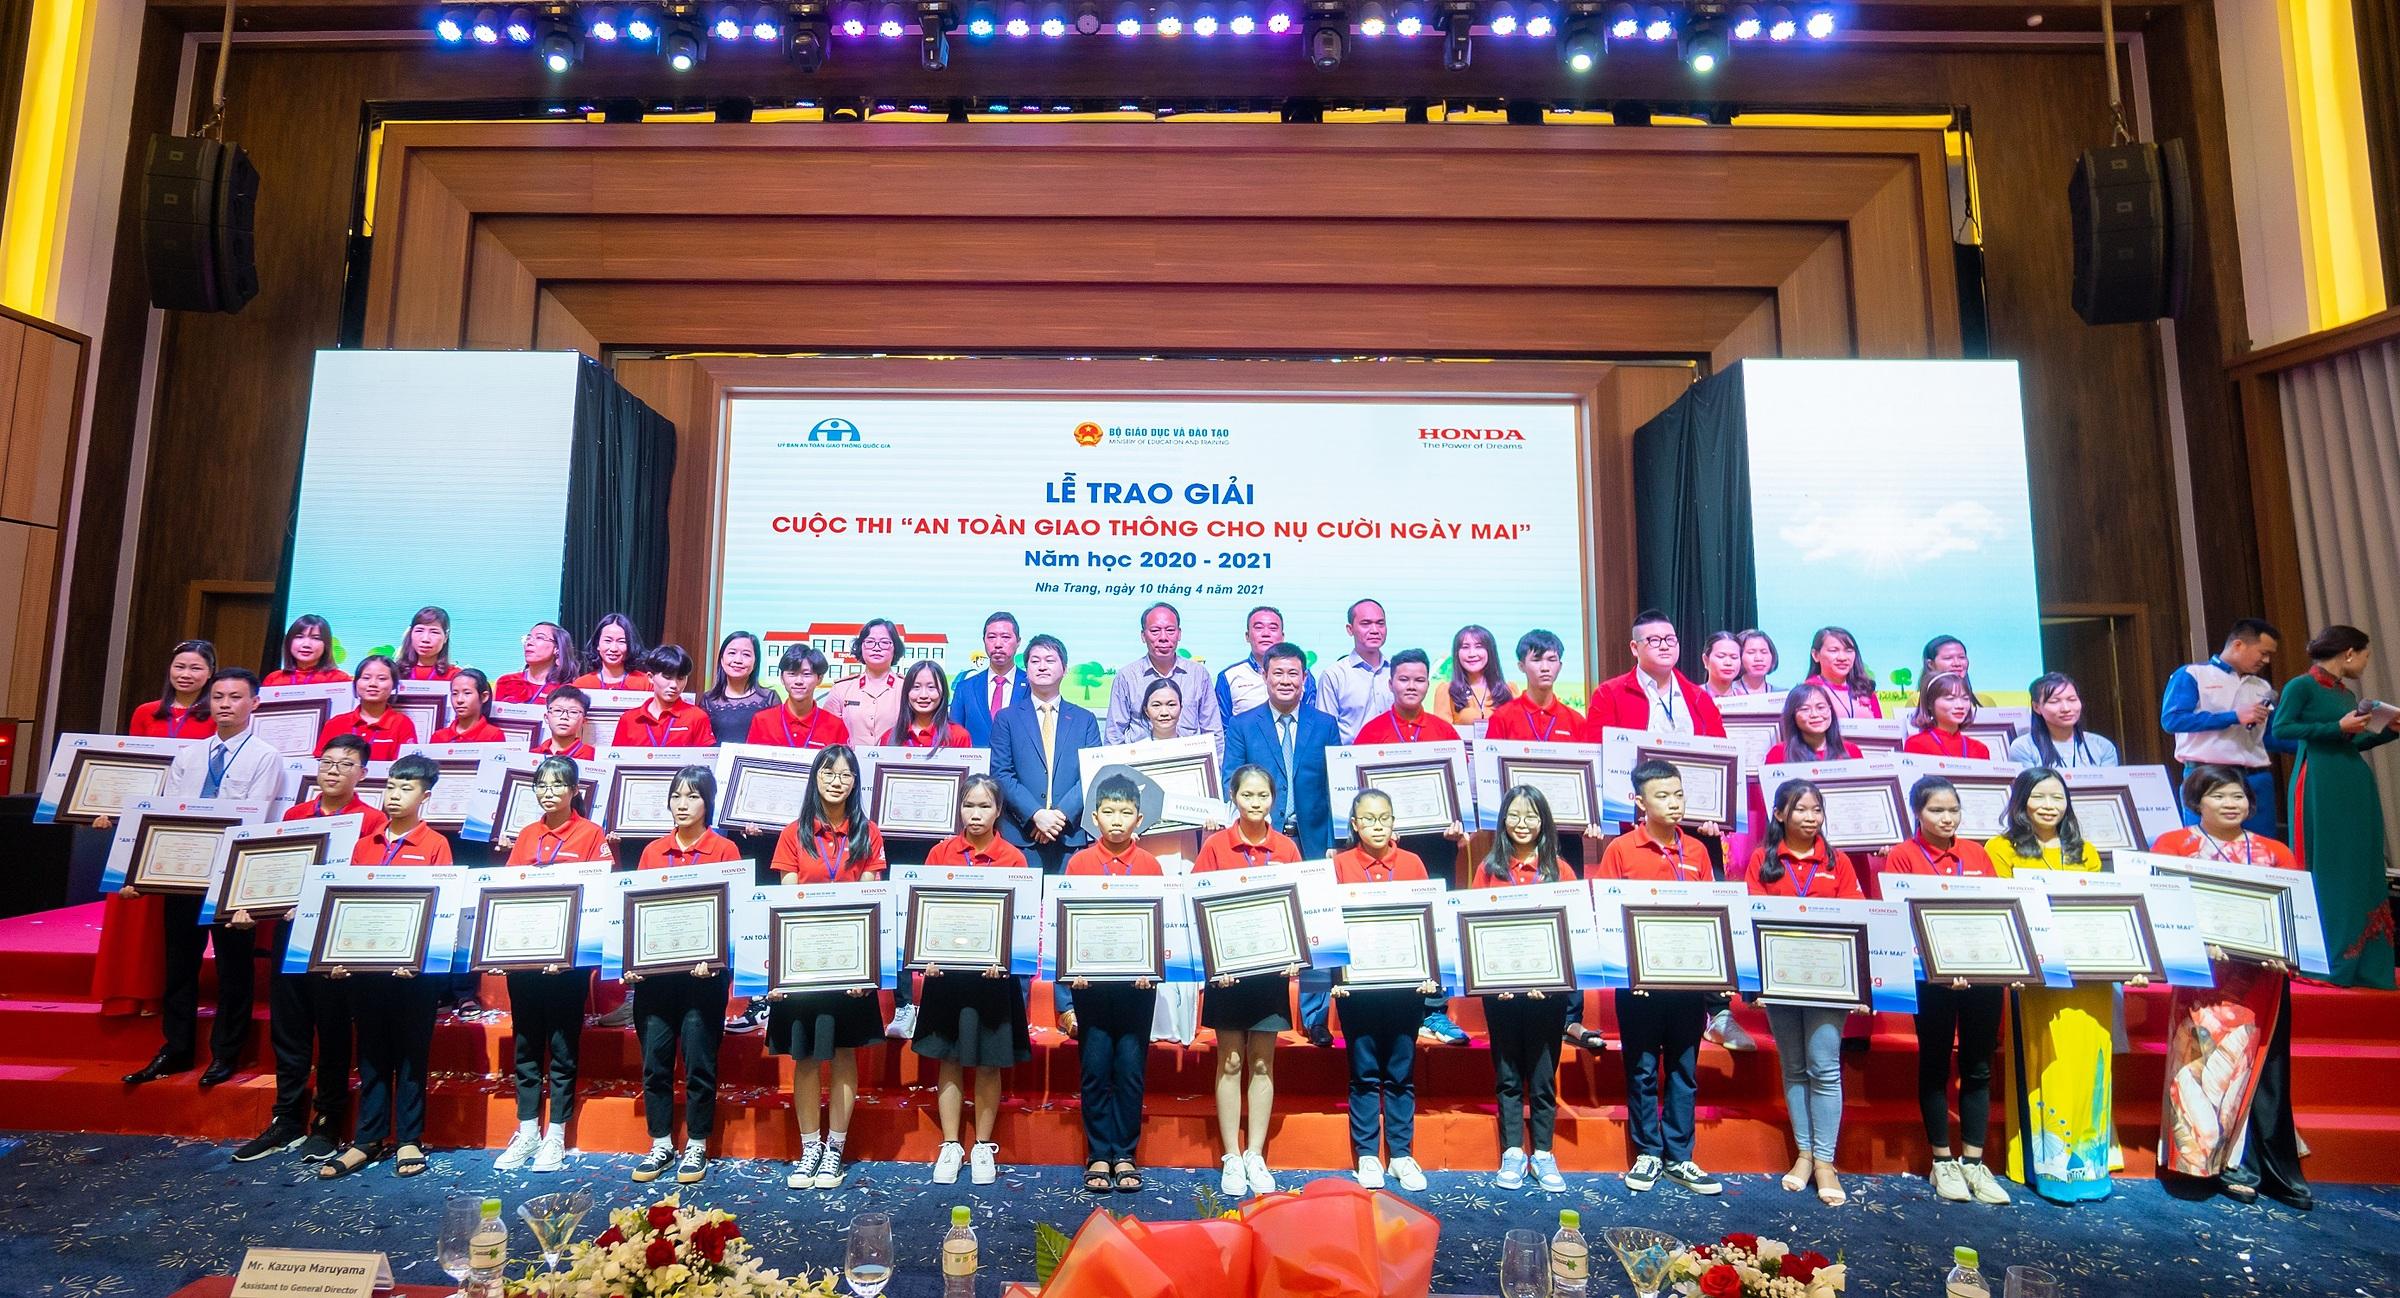 Các em học sinh và thầy cô giáo xuất sắc nhất nhận giải tại Cuộc thi An toàn giao thông cho nụ cười ngày mai.